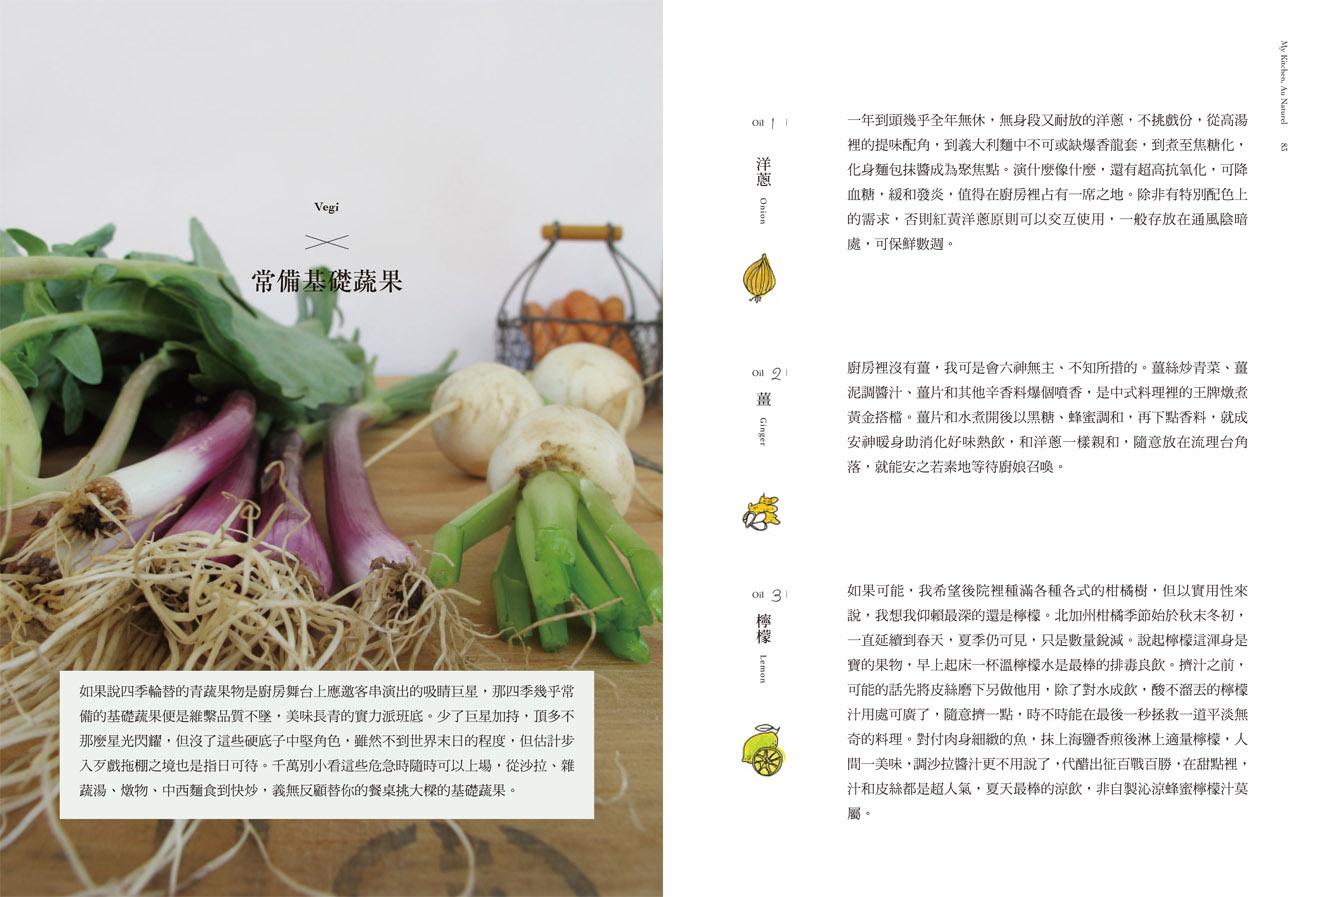 http://im2.book.com.tw/image/getImage?i=http://www.books.com.tw/img/001/067/61/0010676128_b_01.jpg&v=5563161f&w=655&h=609